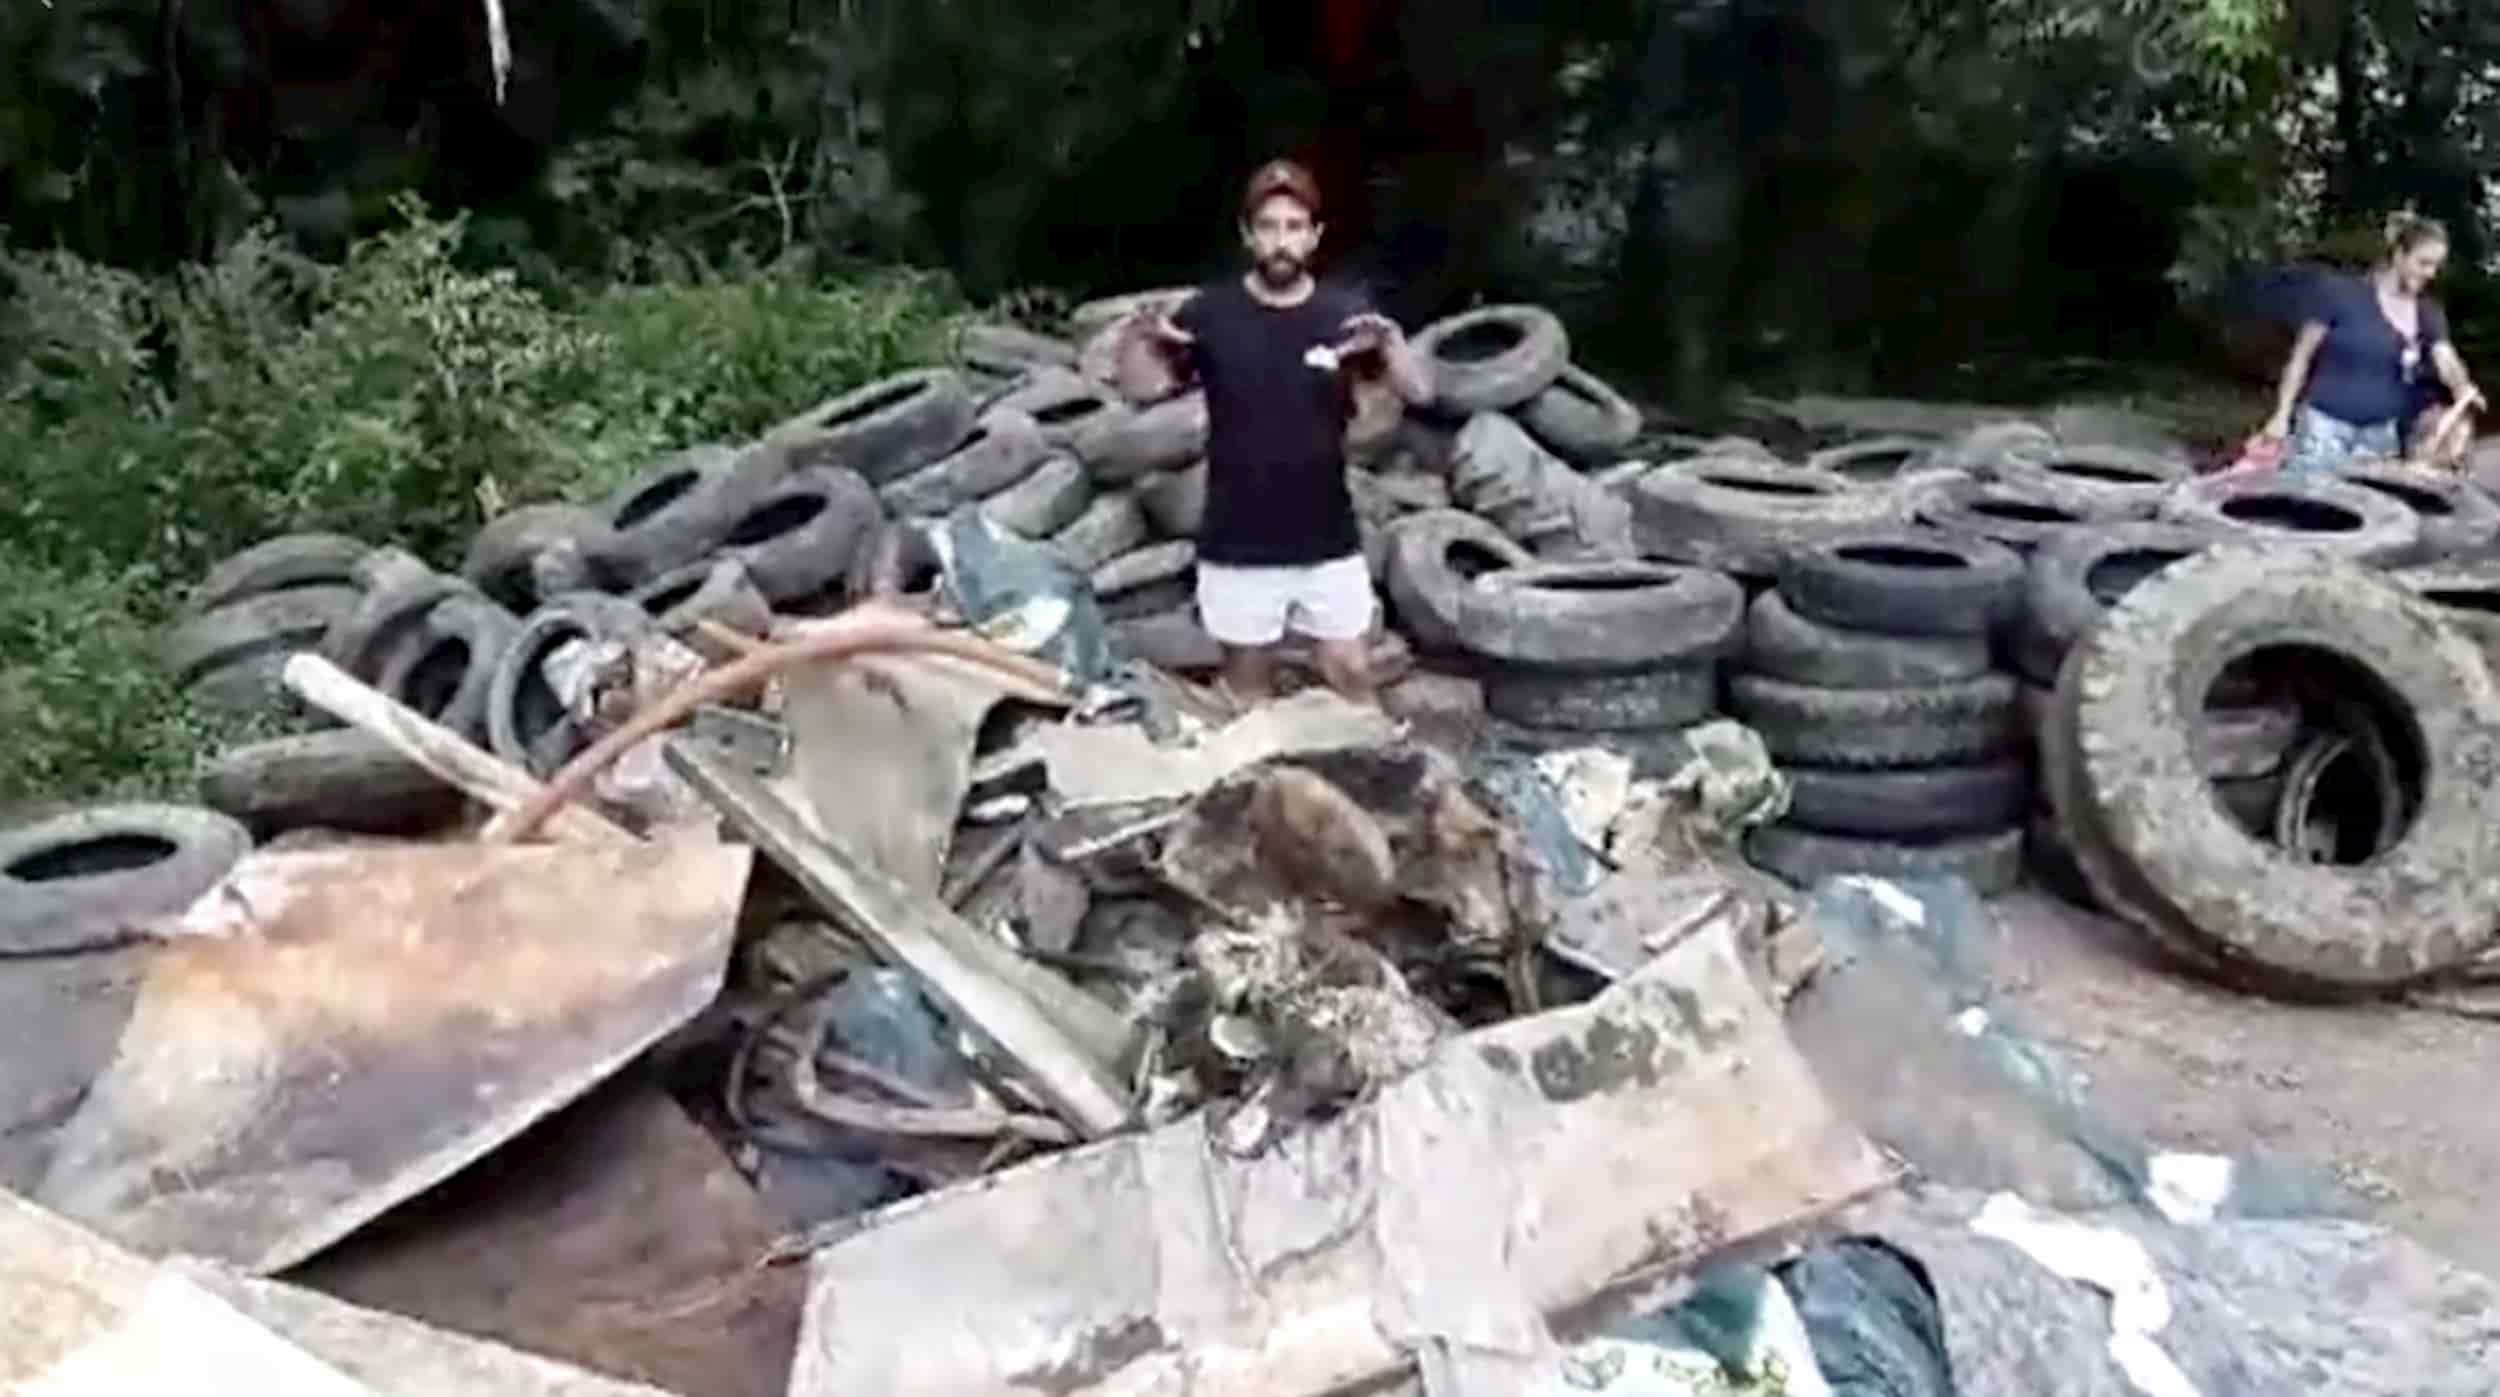 Benoit Girouard de Gym X pose devant le résultat du deuxième nettoyage annuel de la rivière du Nord, appelé D'un X à l'autre, le 17 août 2019. Image tirée d'une vidéo Facebook.